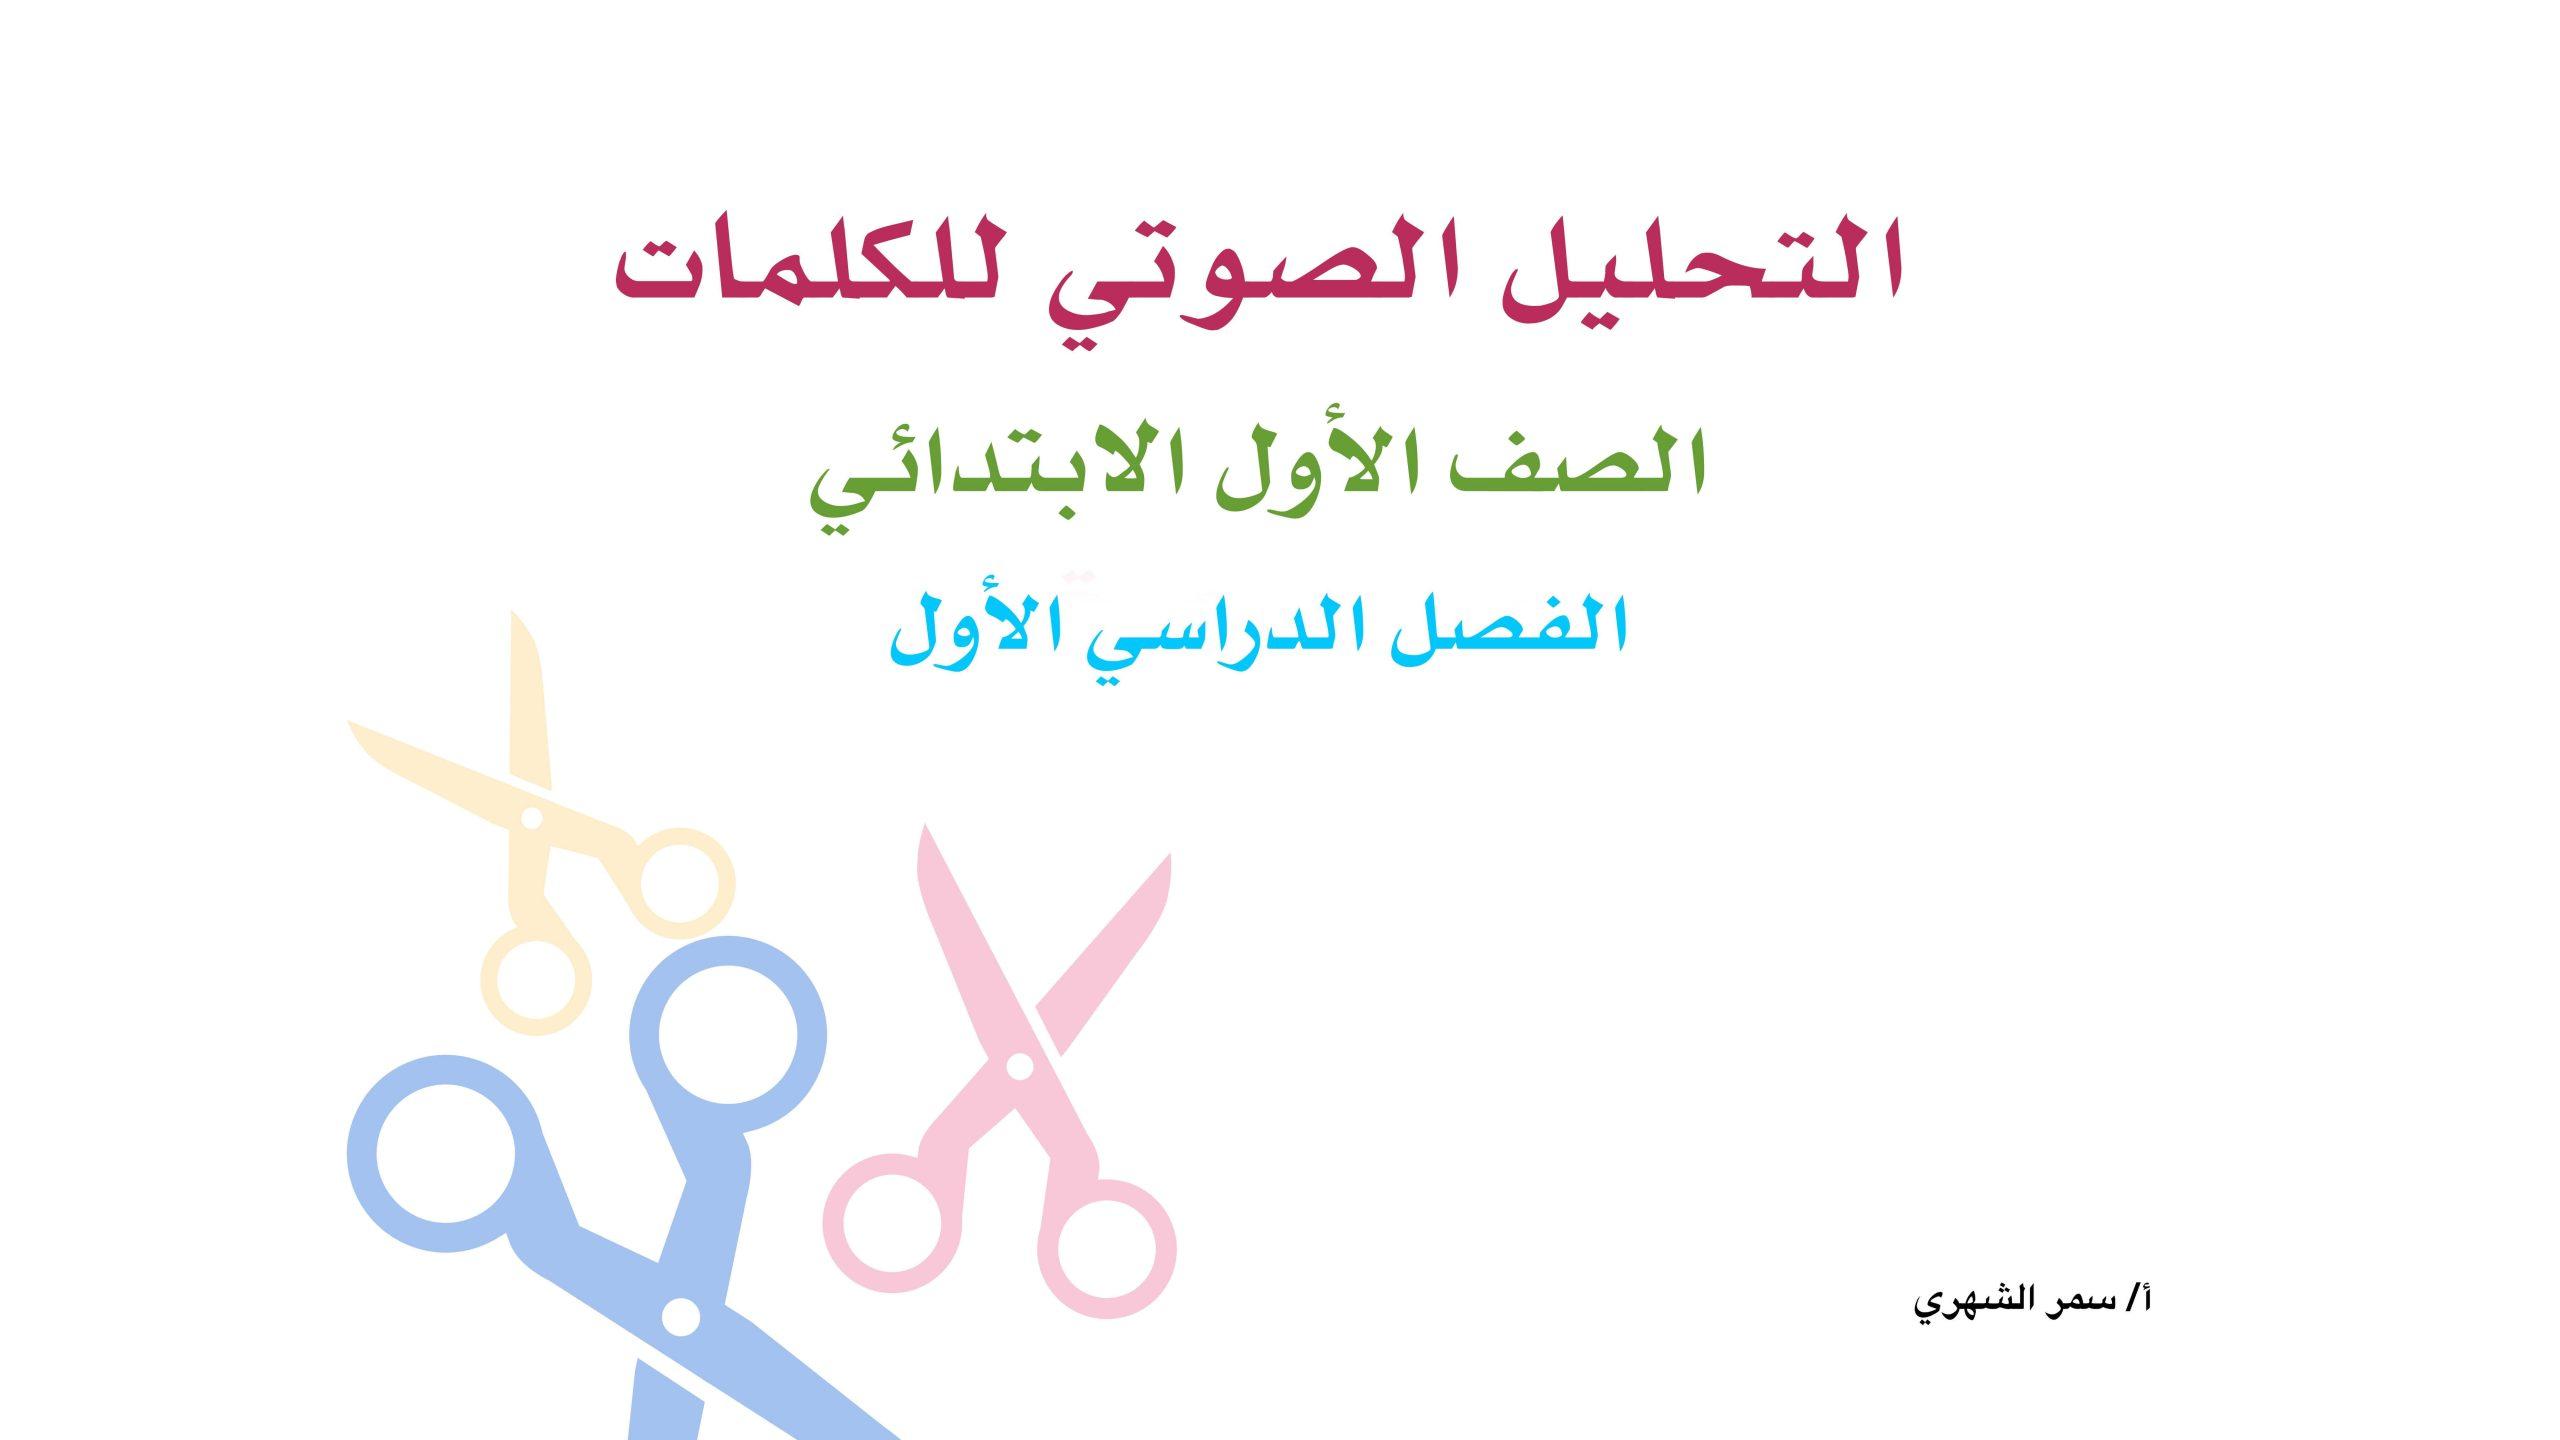 شرح التحليل الصوتي للكلمات الصف الاول مادة اللغة العربية